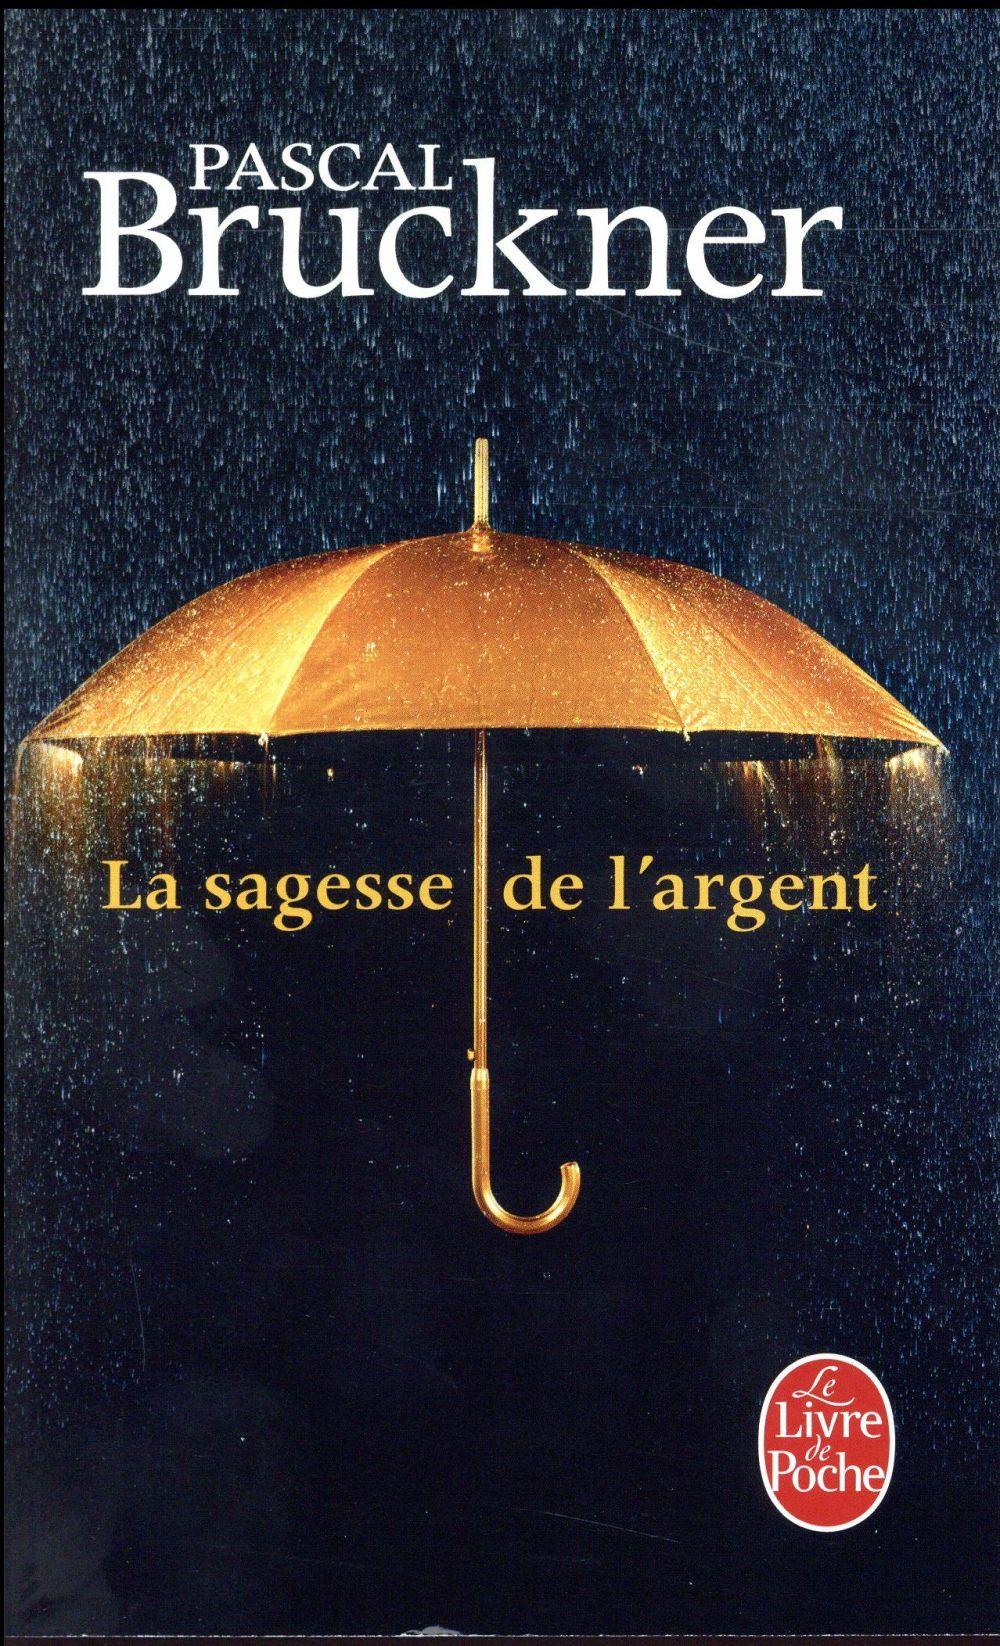 LA SAGESSE DE L'ARGENT